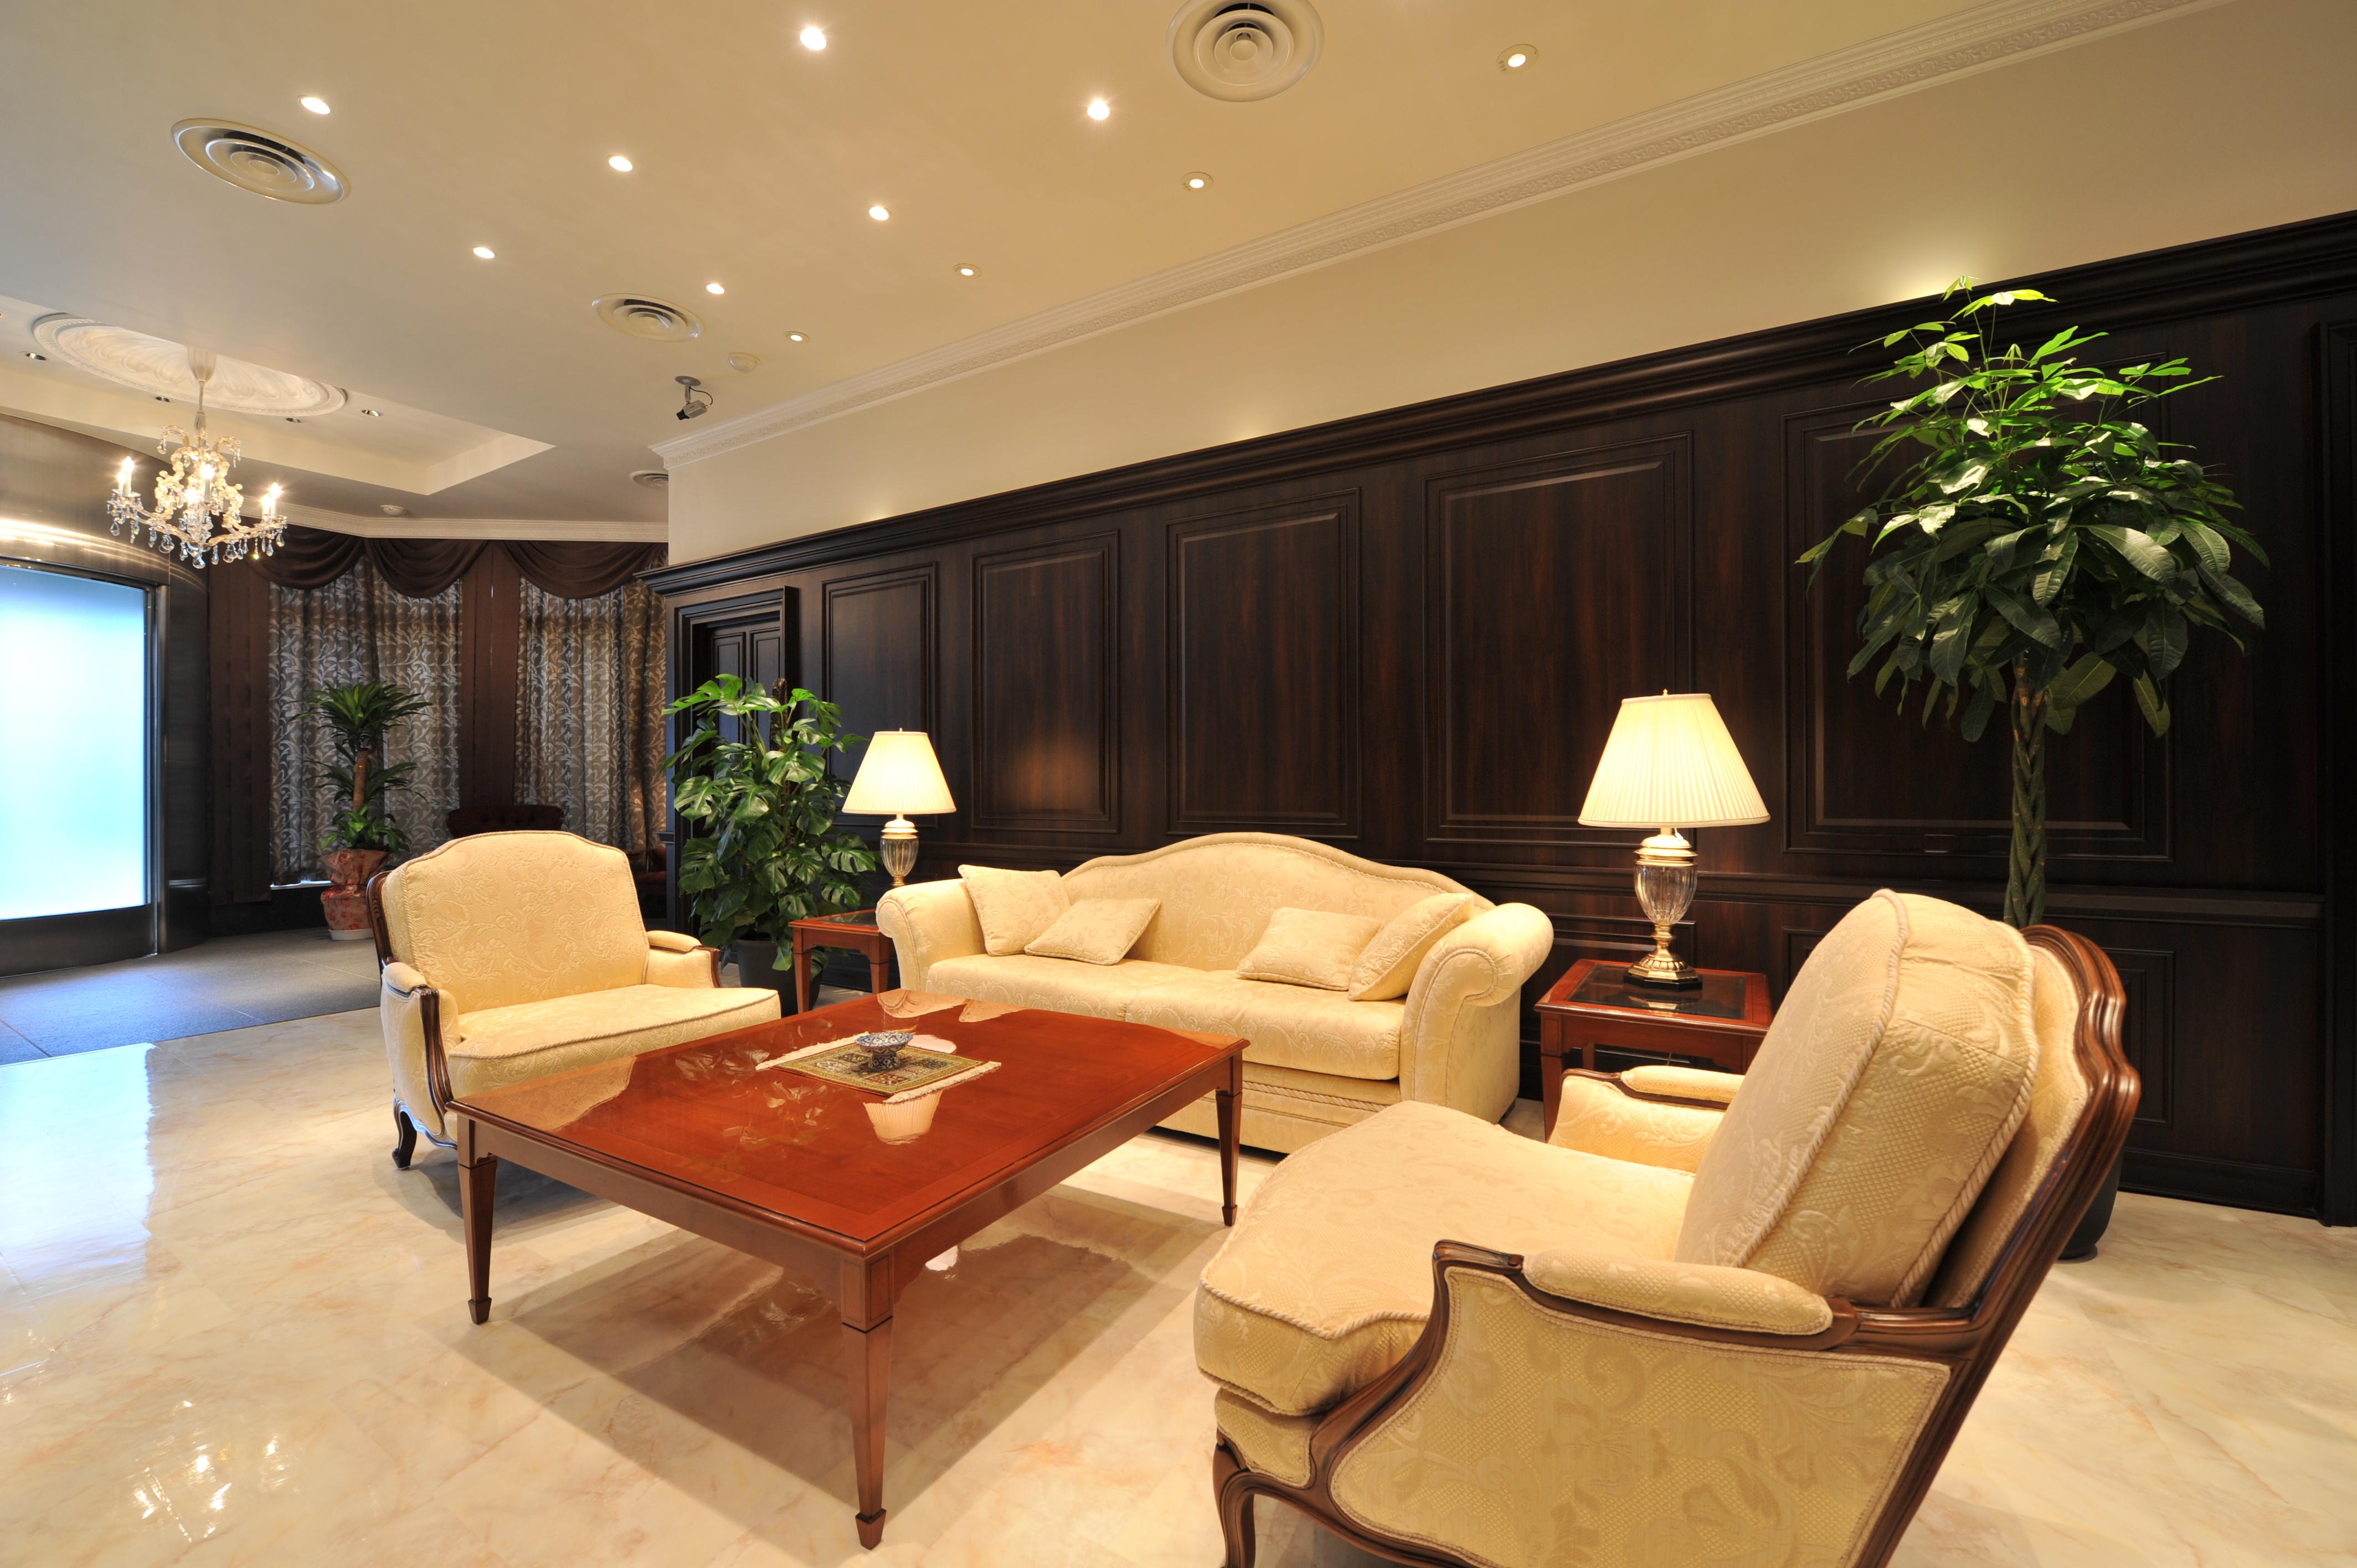 三田証券株式会社 /【フロント業務】お客様と信頼関係を築いていく提案型営業です。